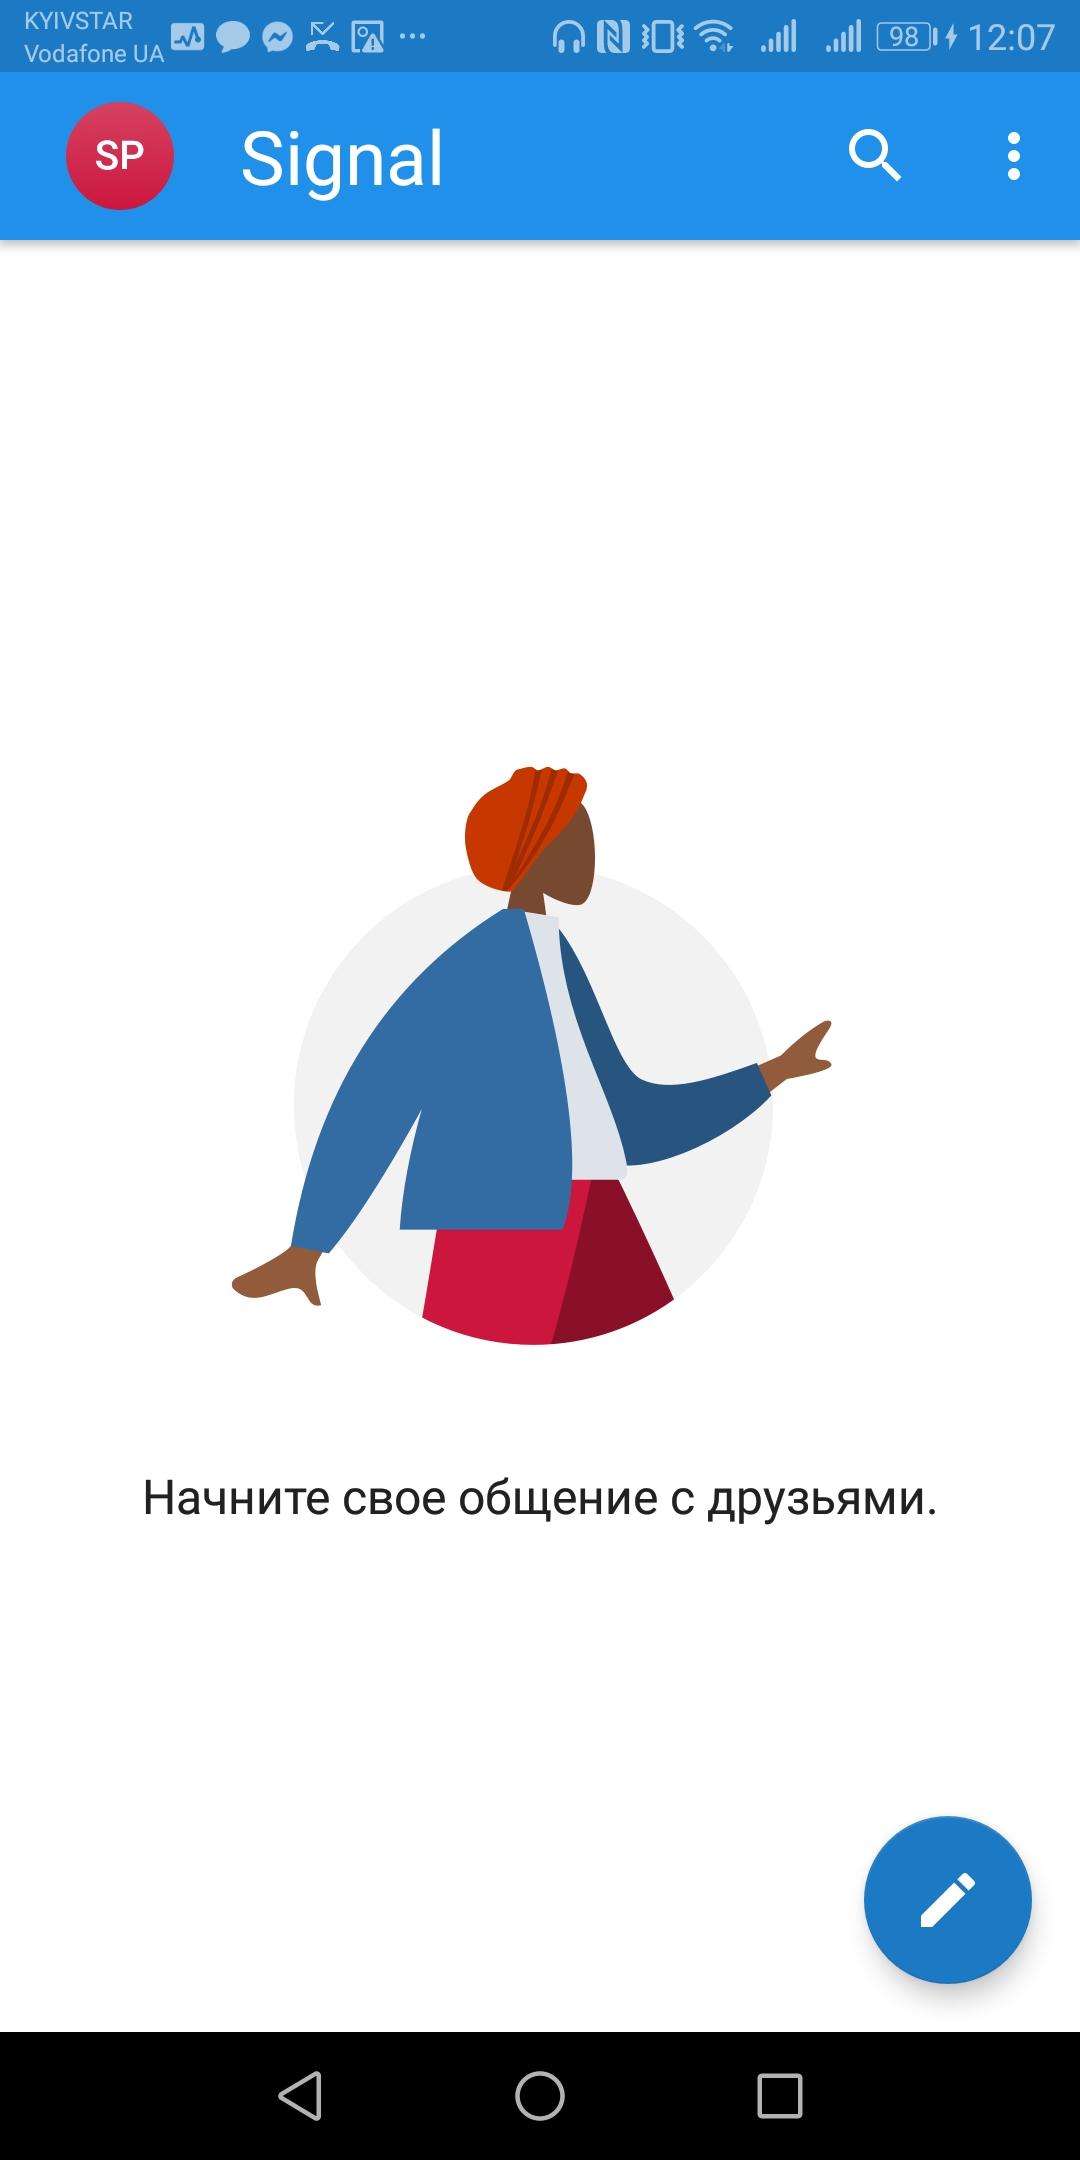 Картинка 3 Как создавать секретные чаты и отправлять самоудаляющиеся сообщения на Android